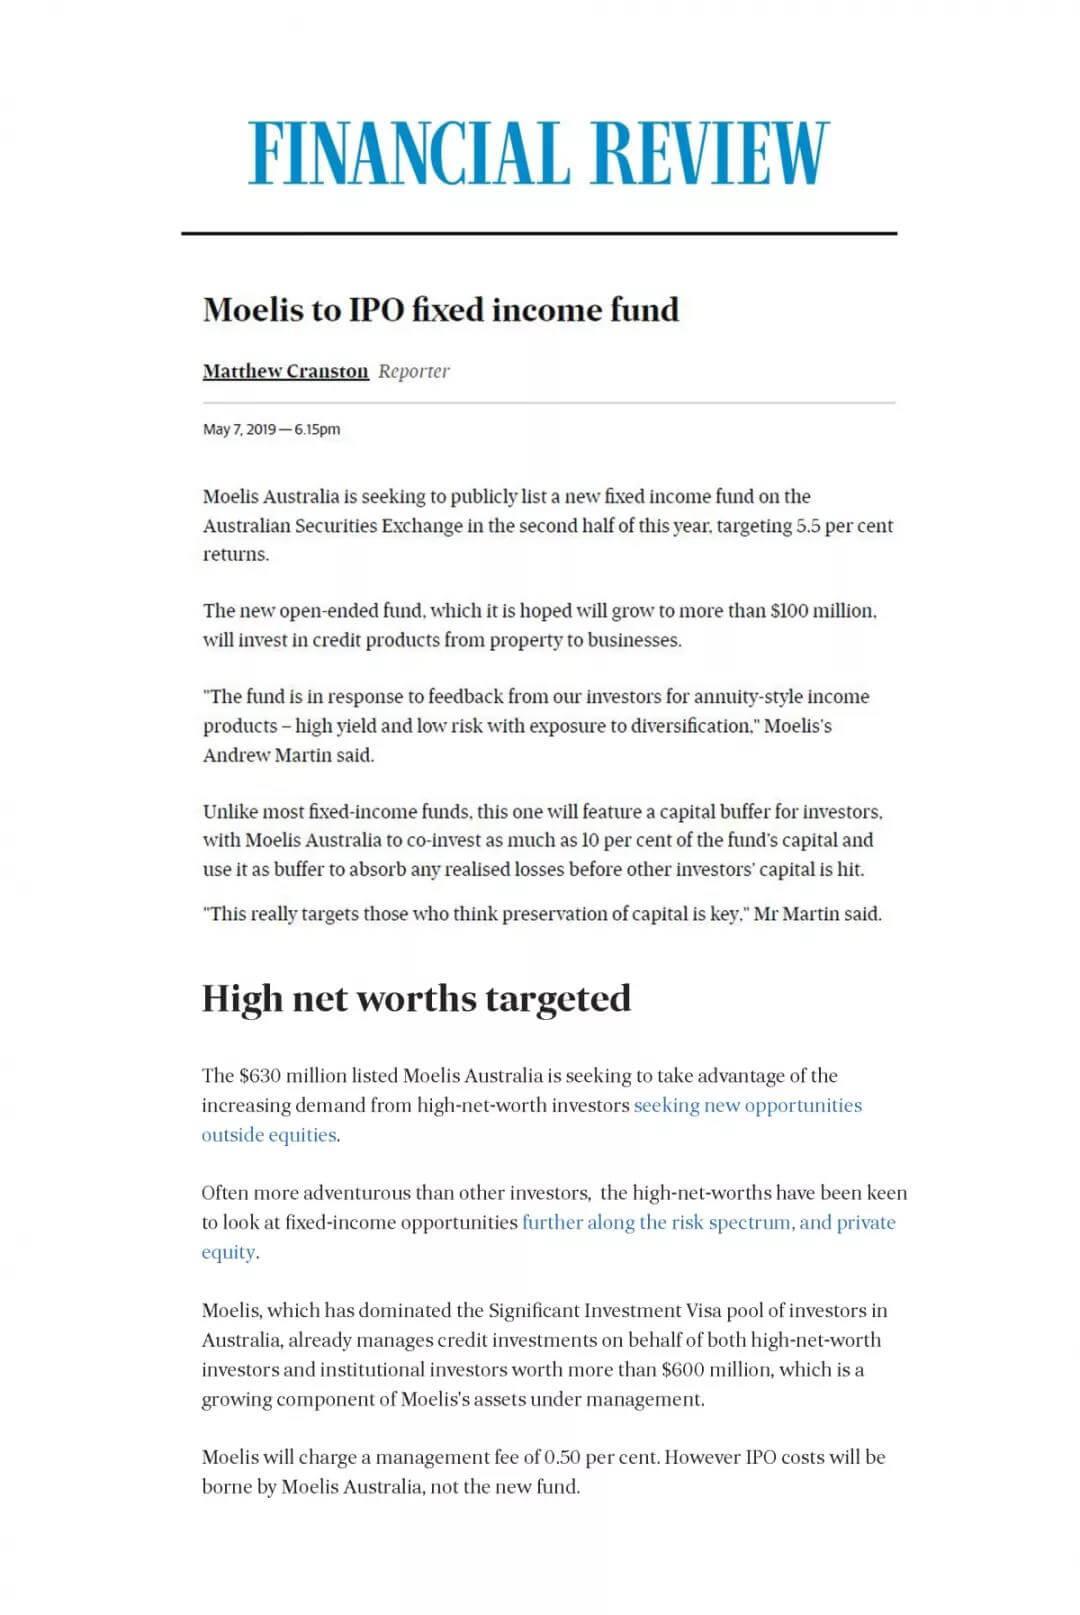 澳大利亚金融评论报(AFR)近期对美驰澳大利亚的报道